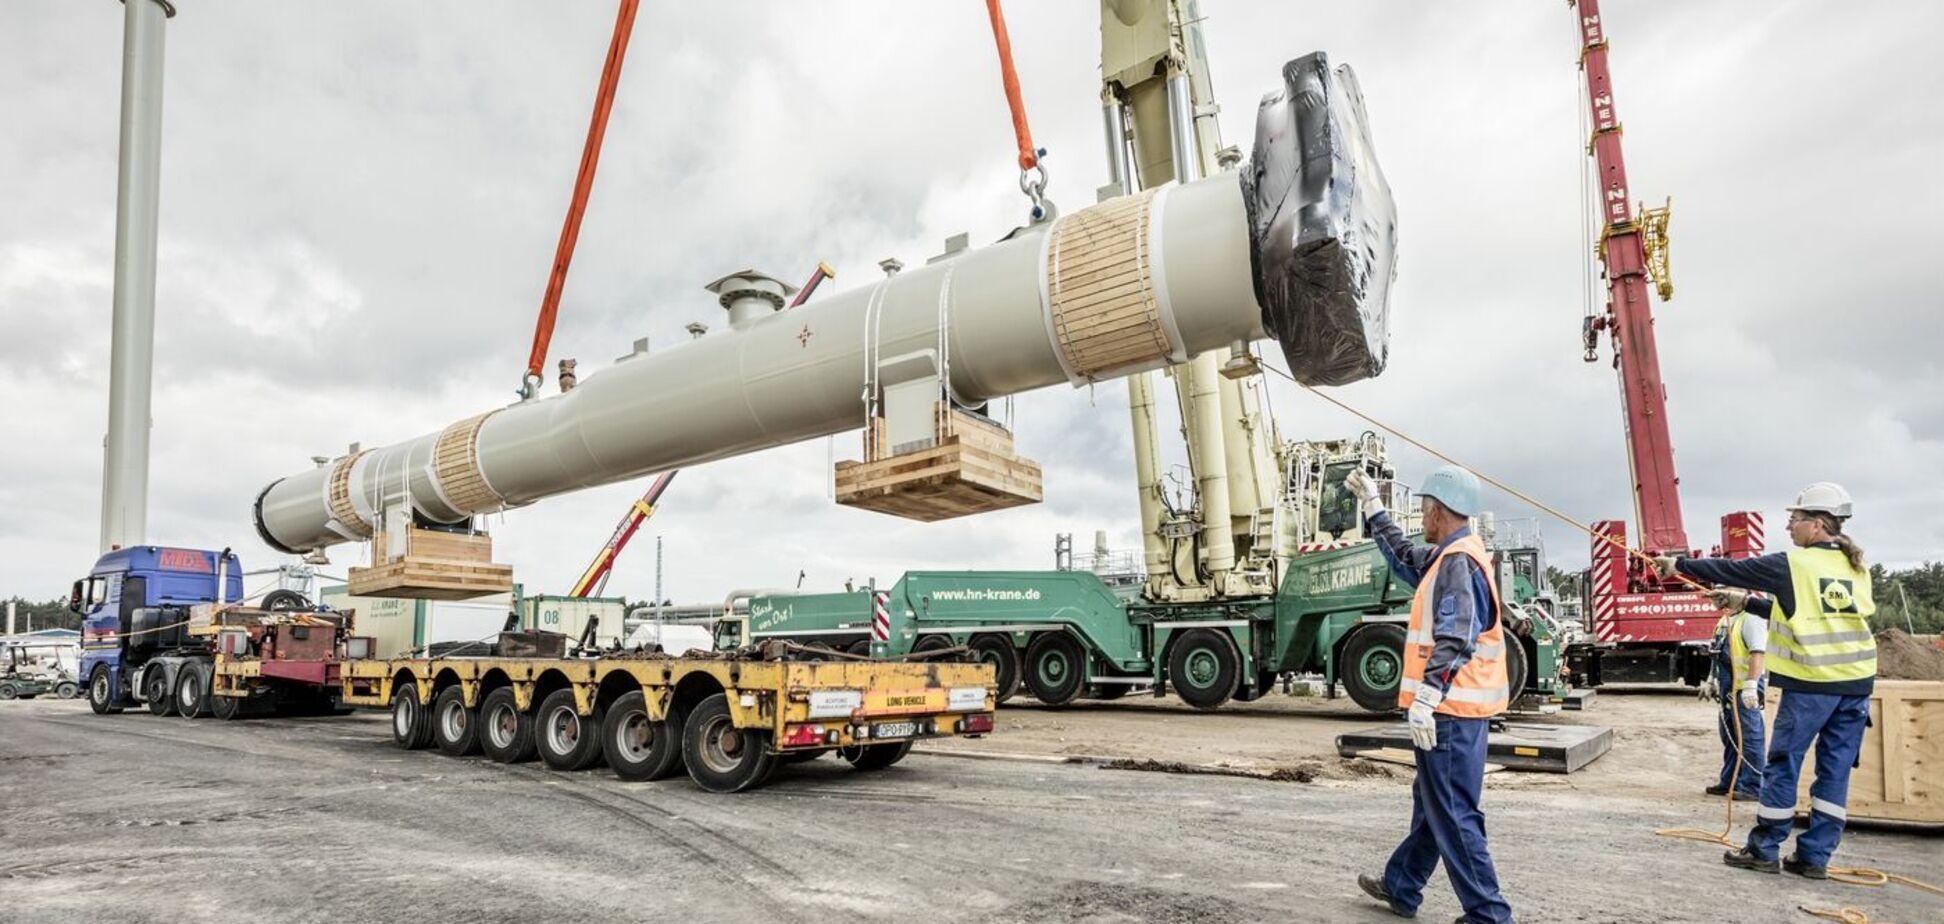 У Росії сказали, як запуск 'Північного потоку-2' вплине на транзит газу через Україну